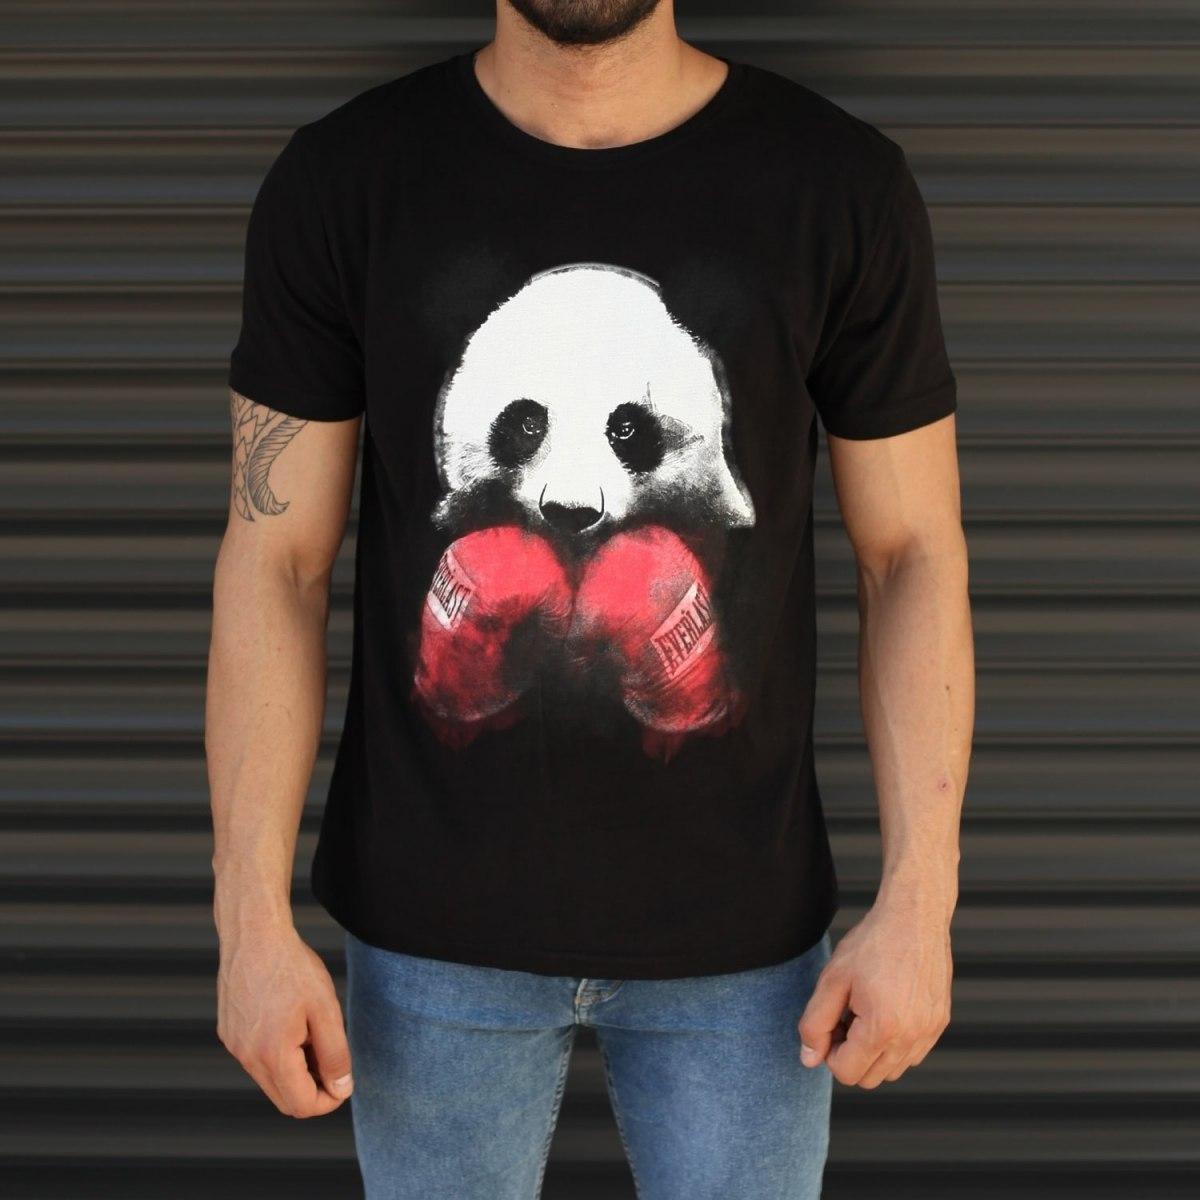 Men's Sporty Panda Printed Fit T-Shirt In Black